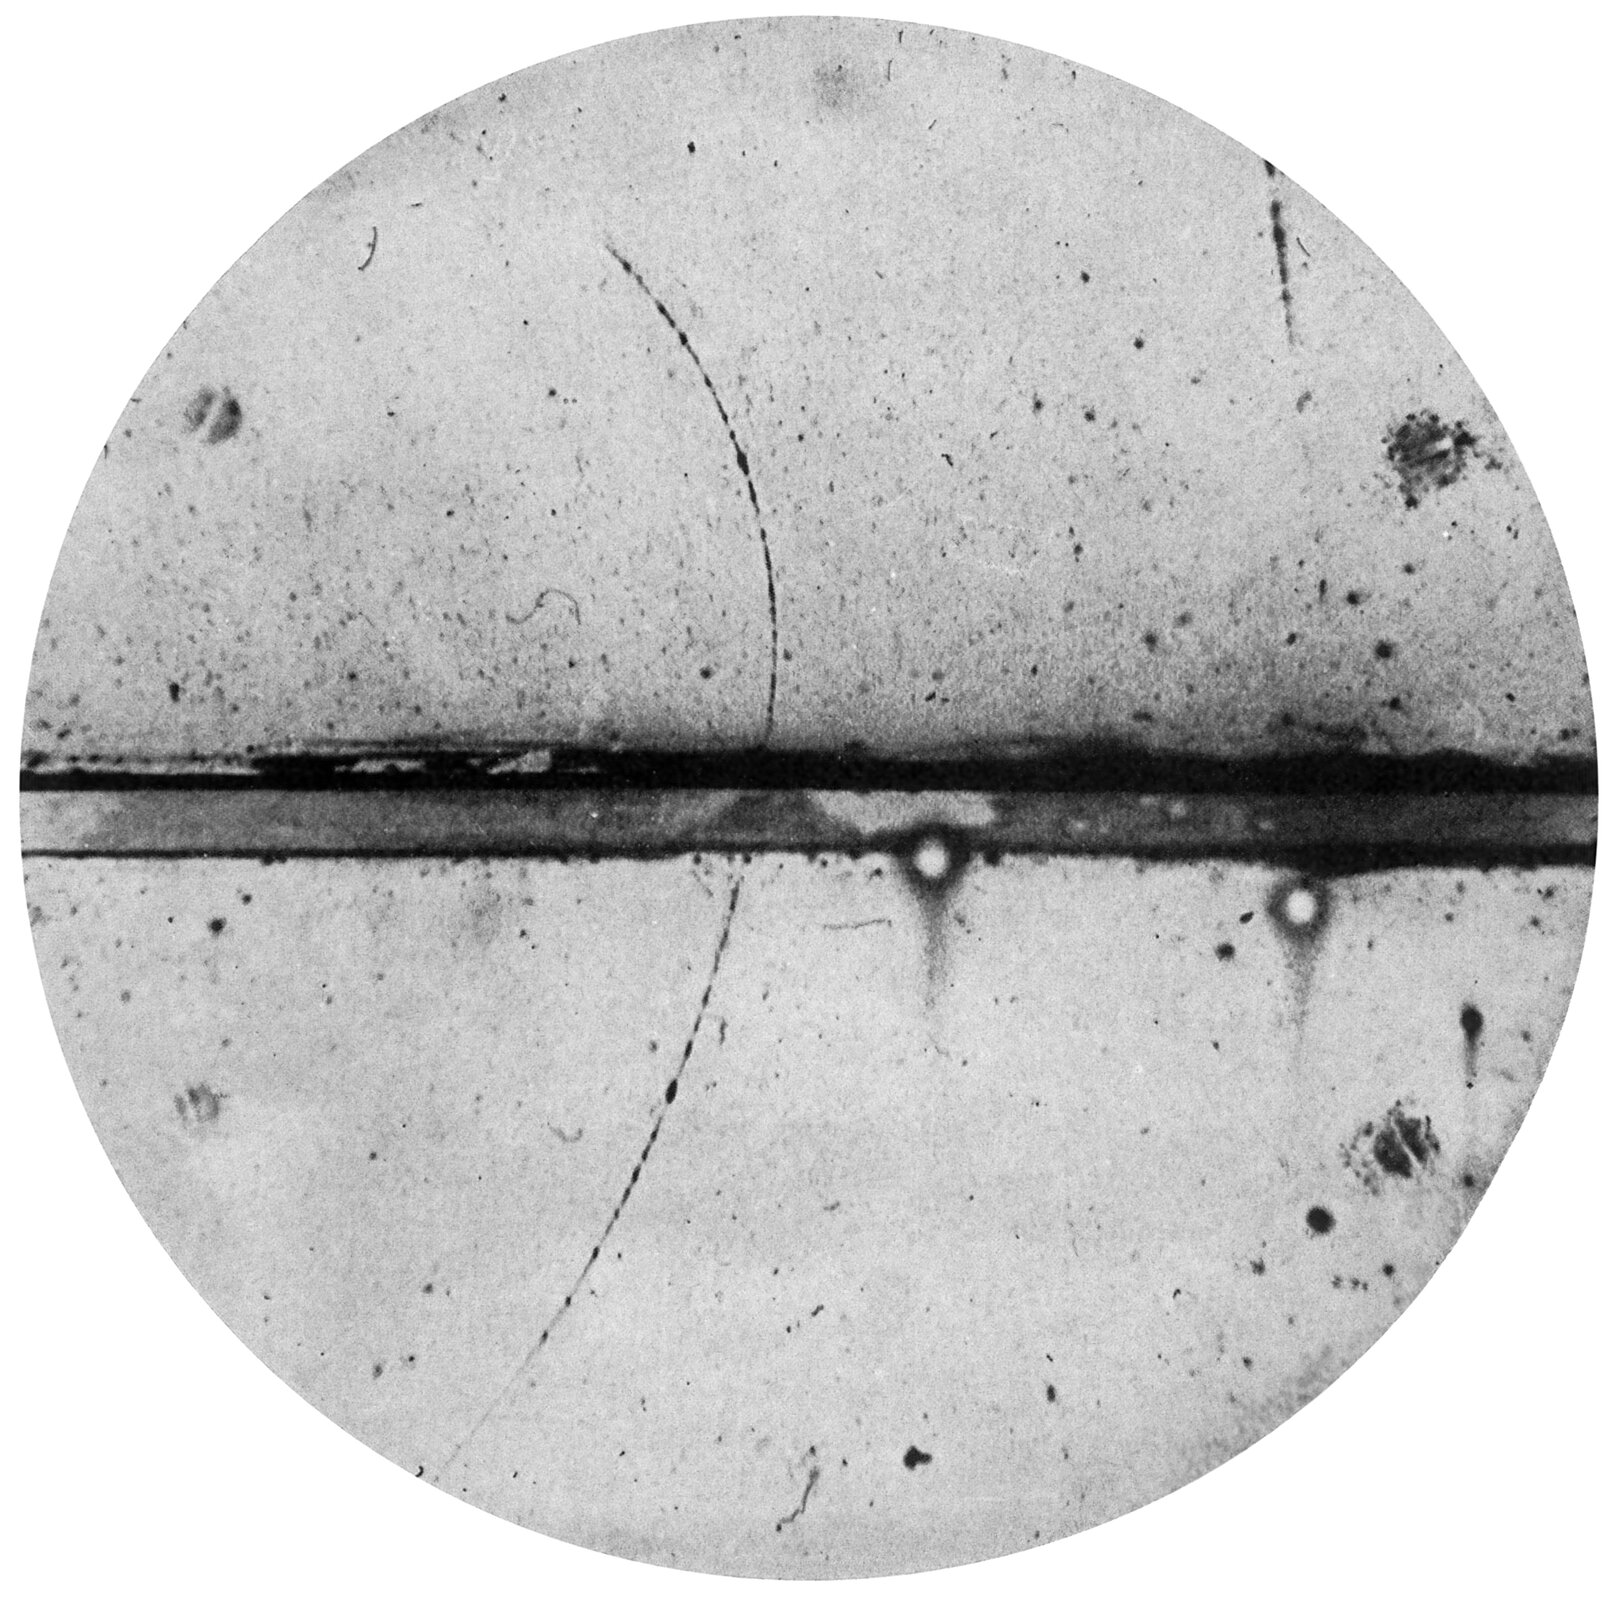 Ilustracja przedstawia tory naładowanych cząsteczek zarejestrowane wkomorze Wilsona. Fragment ma kształt koła. Wnętrze jasnoszare, zwidocznymi czarnymi małymi plamkami, nieregularnie rozłożonymi. Przez środek przebiega ciemnoszare, miejscami prawie czarne, poziome, proste wgłębienie.